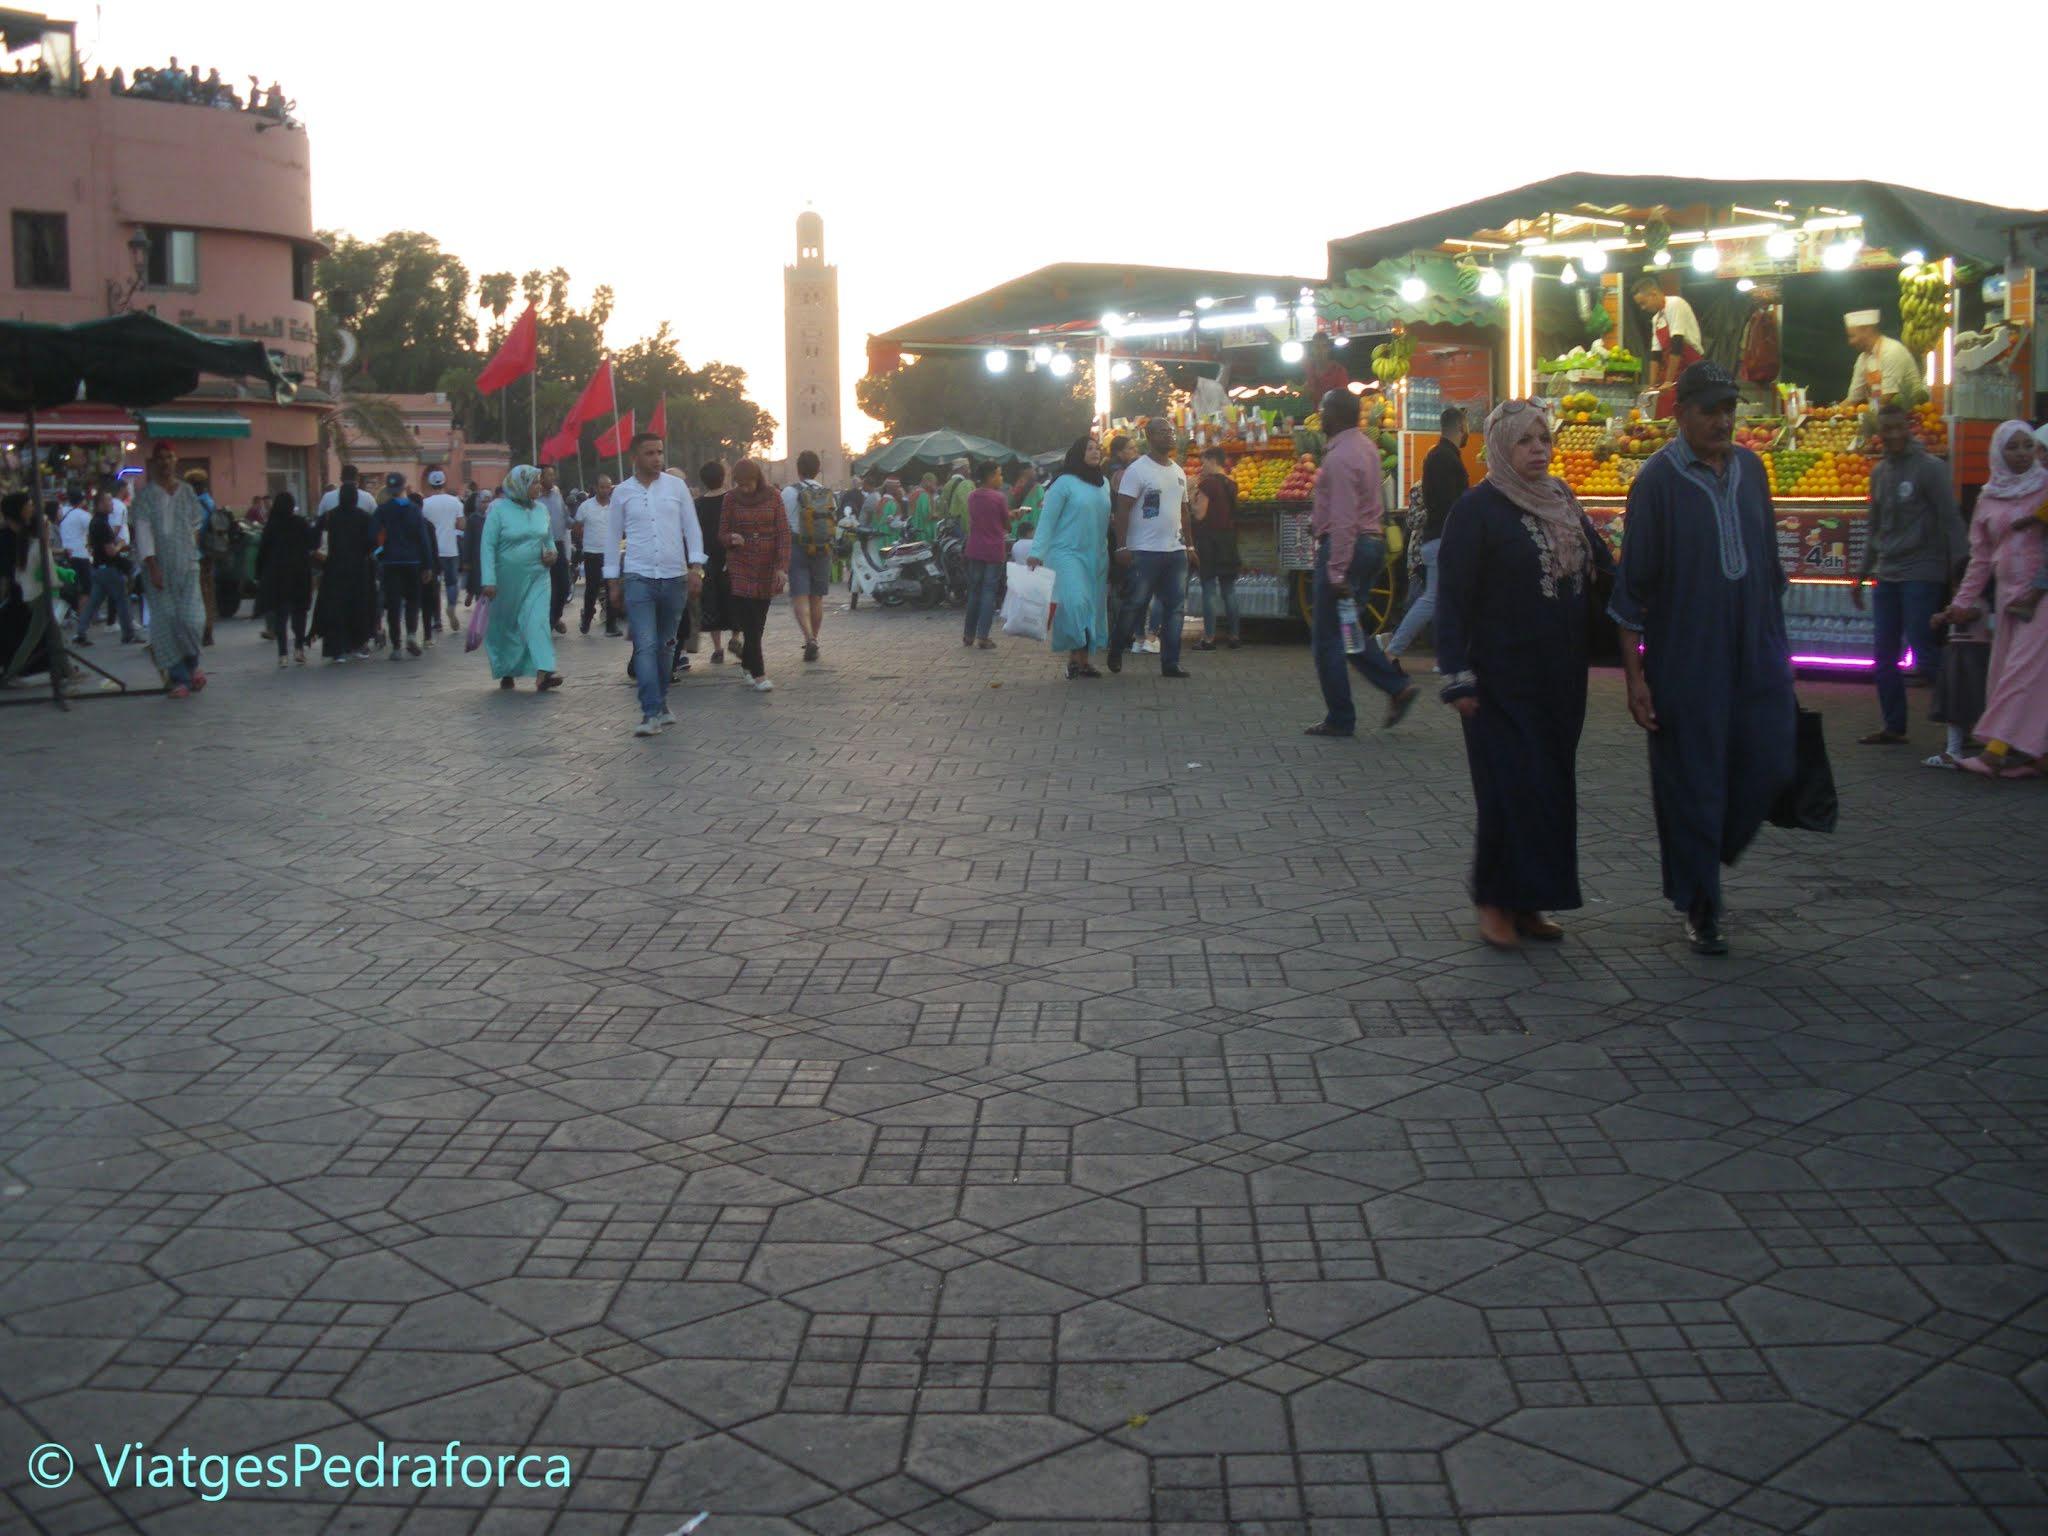 Patrimoni de la Humanitat, Unesco Heritage, Marroc per lliure